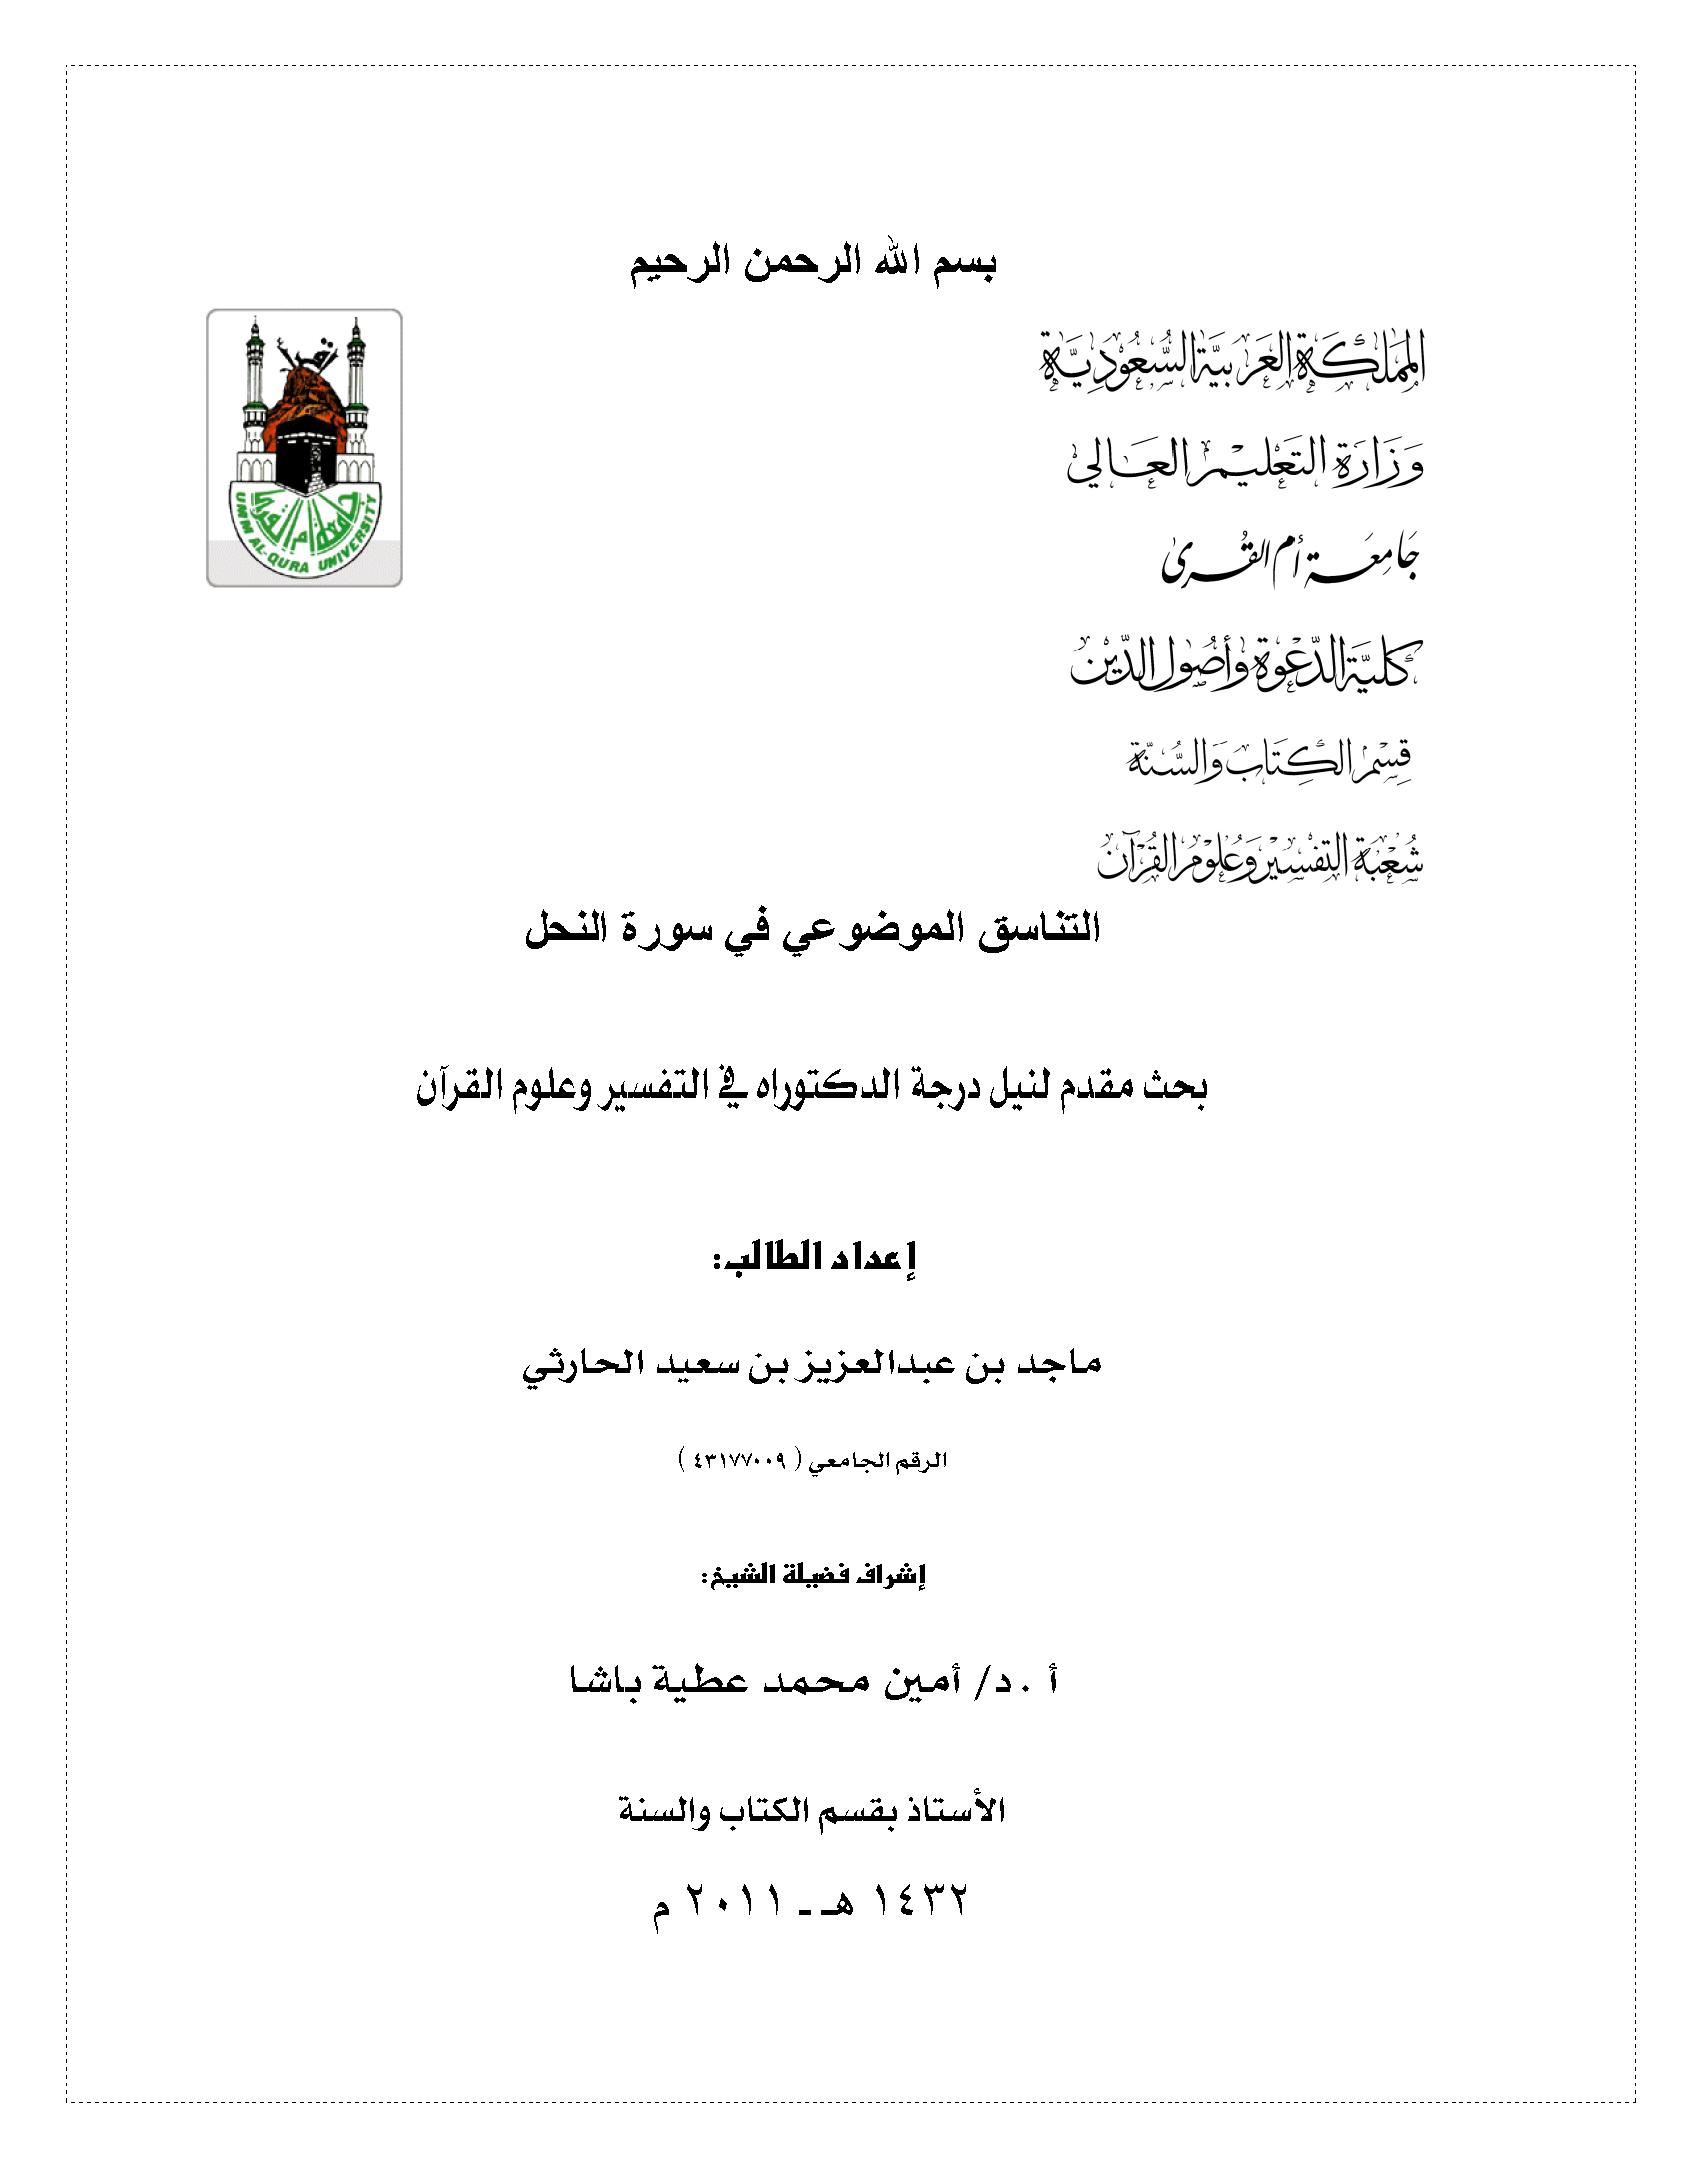 تحميل كتاب التناسق الموضوعي في سورة النحل لـِ: الأستاذ ماجد عبد العزيز سعيد الحارثي